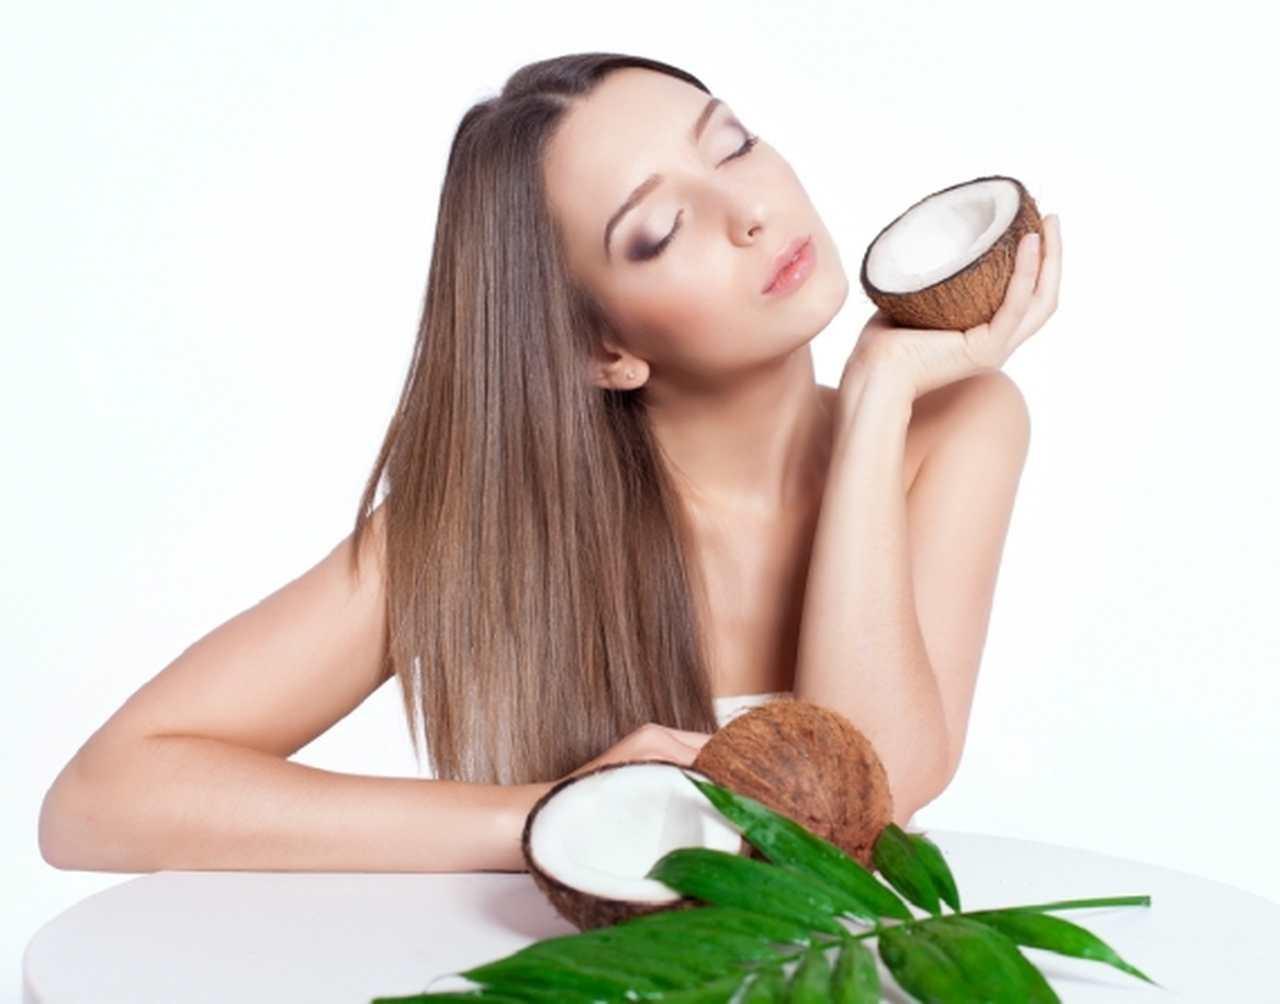 hidratação capilar com água de coco